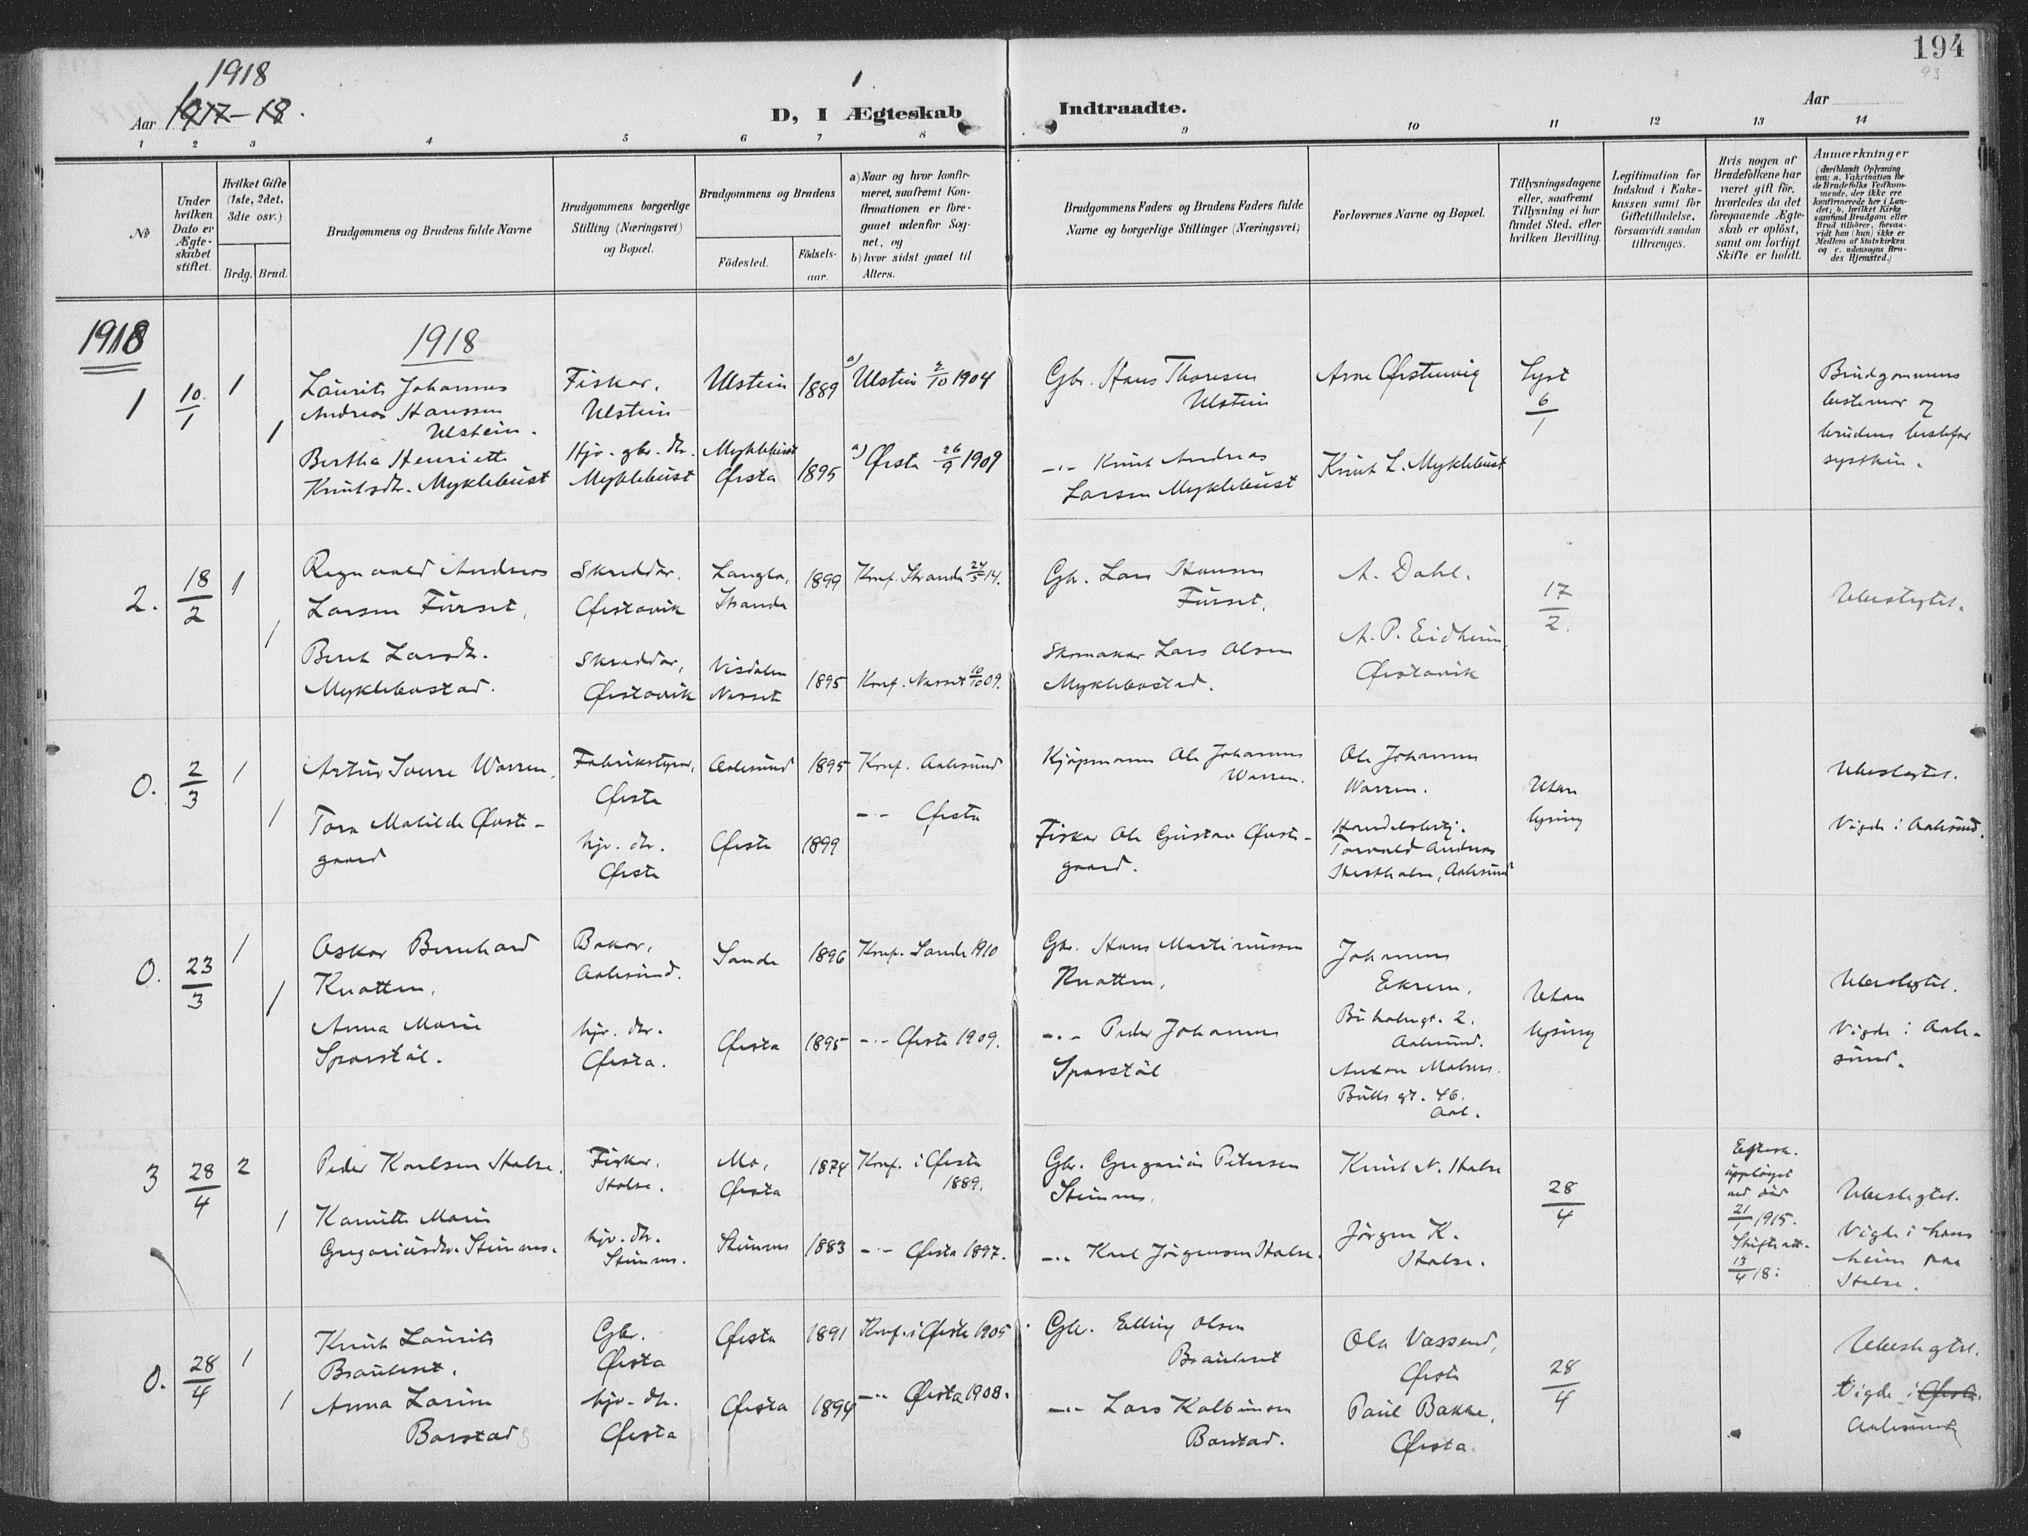 SAT, Ministerialprotokoller, klokkerbøker og fødselsregistre - Møre og Romsdal, 513/L0178: Ministerialbok nr. 513A05, 1906-1919, s. 194